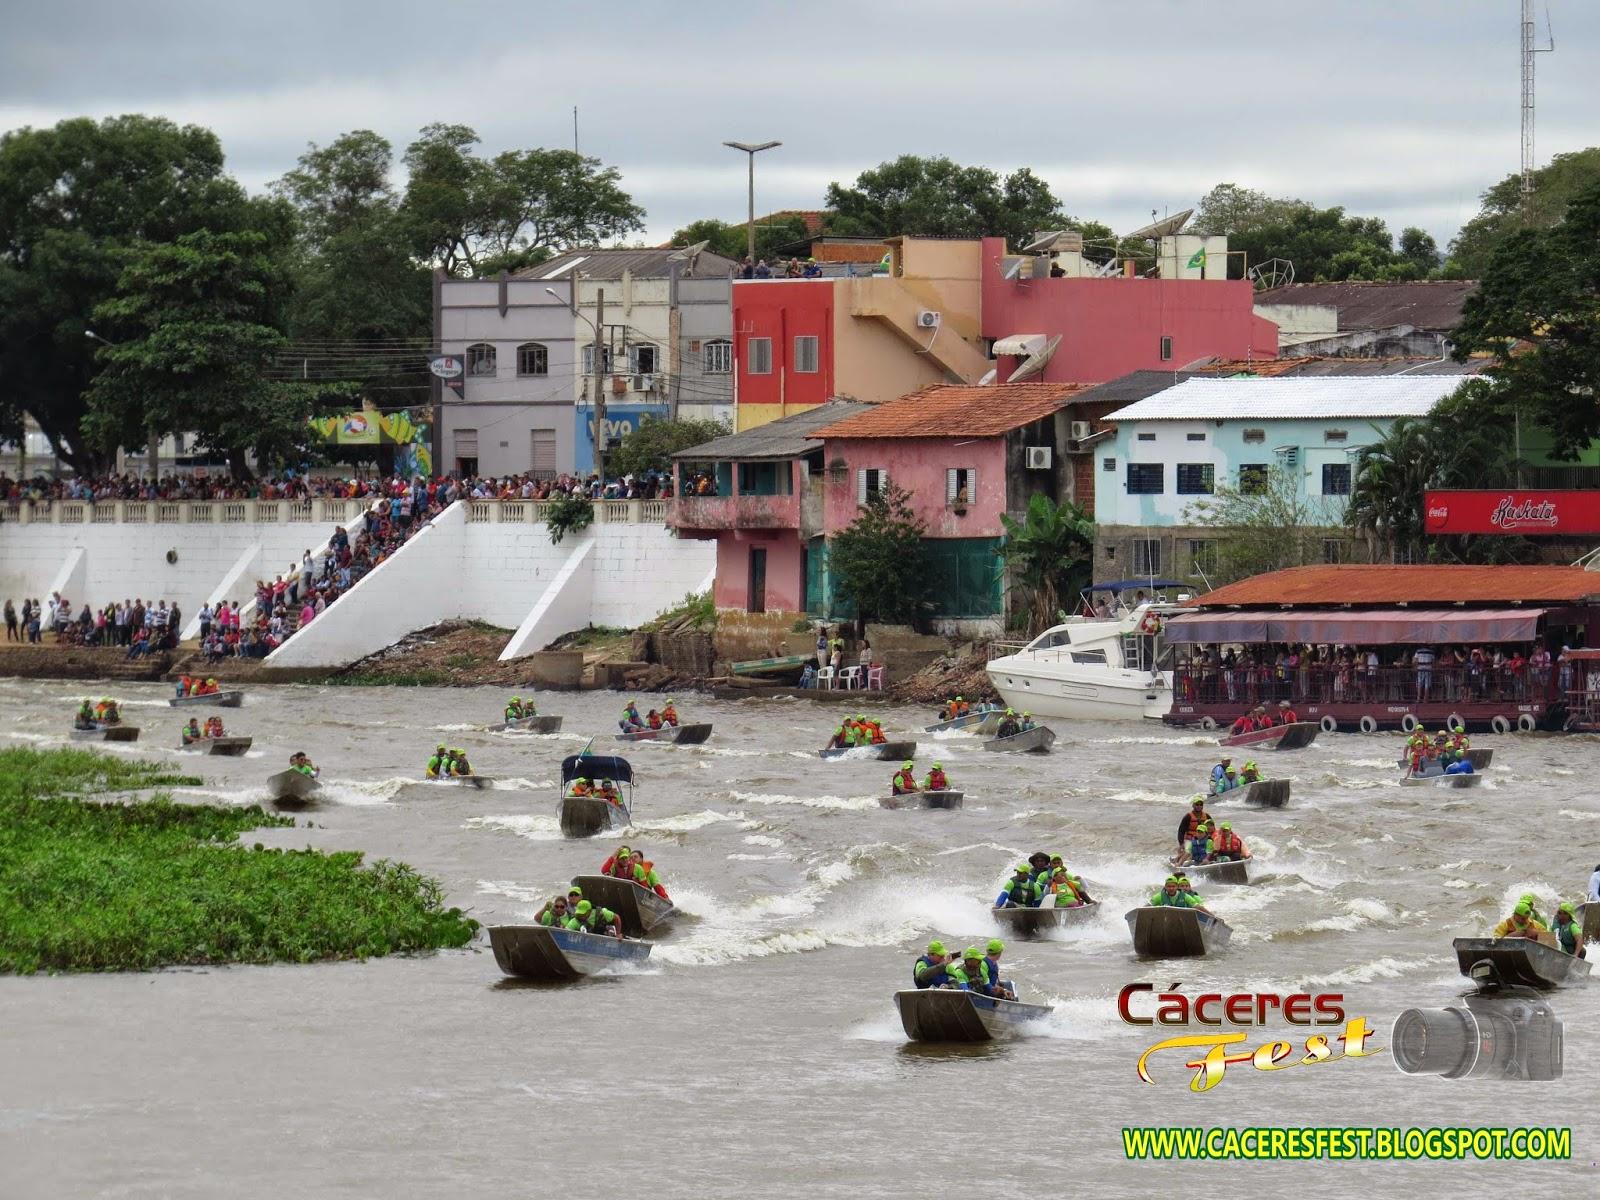 http://caceresfest.blogspot.com.br/2014/06/pesca-embarcada-33-fip-caceres-mt.html